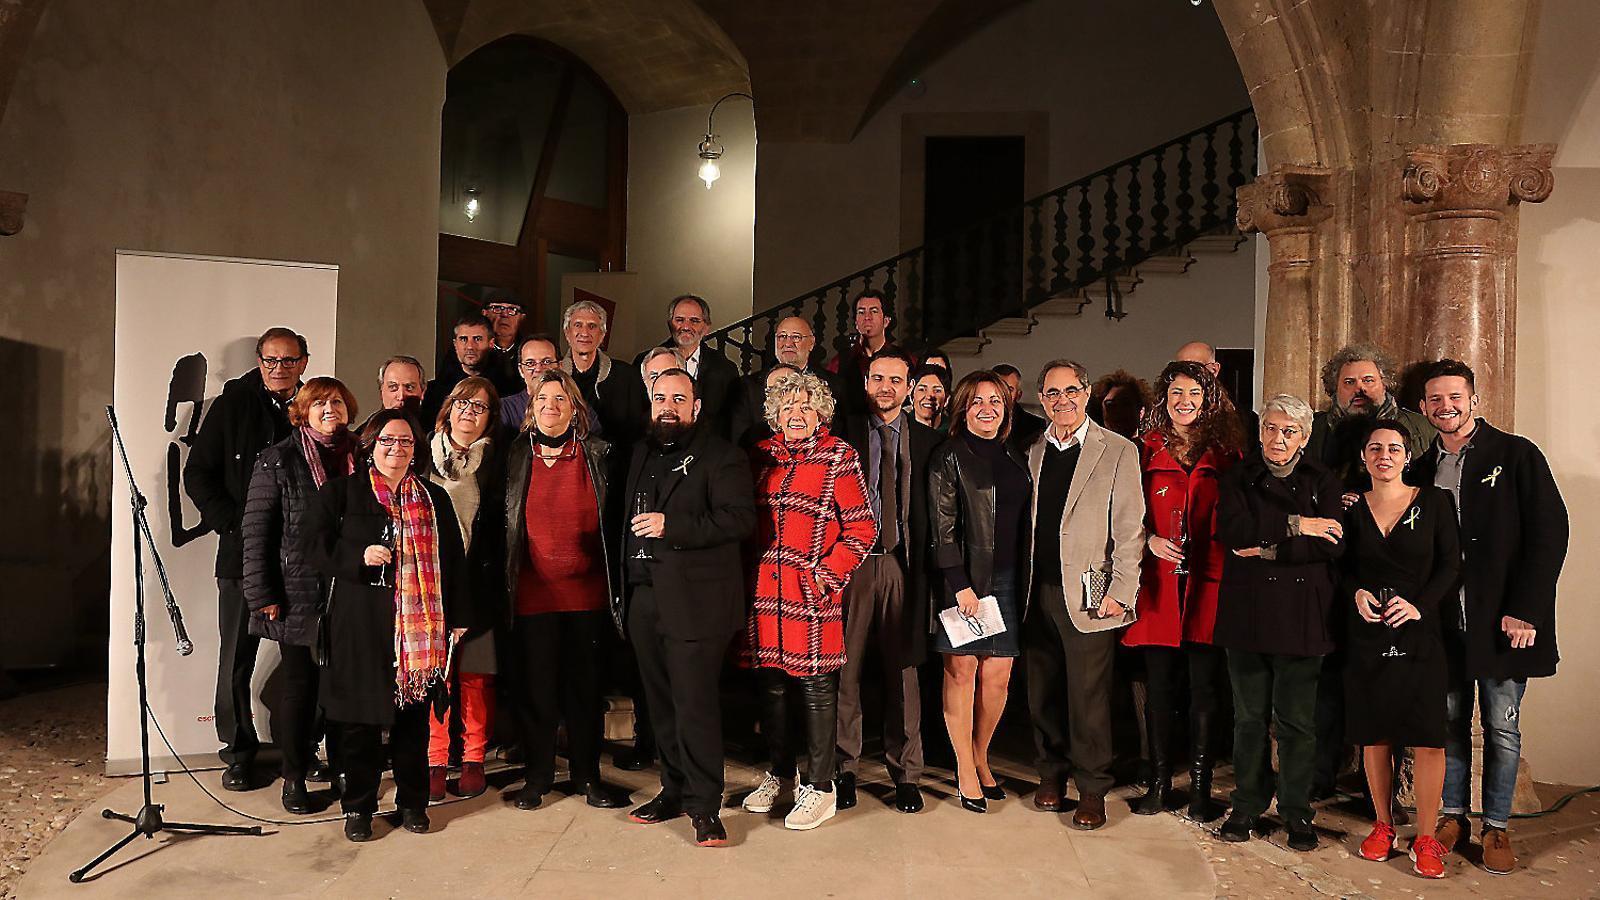 L'Associació d'Escriptors en Llengua Catalana celebrà el 40è aniversari de l'associació a Can Balaguer.